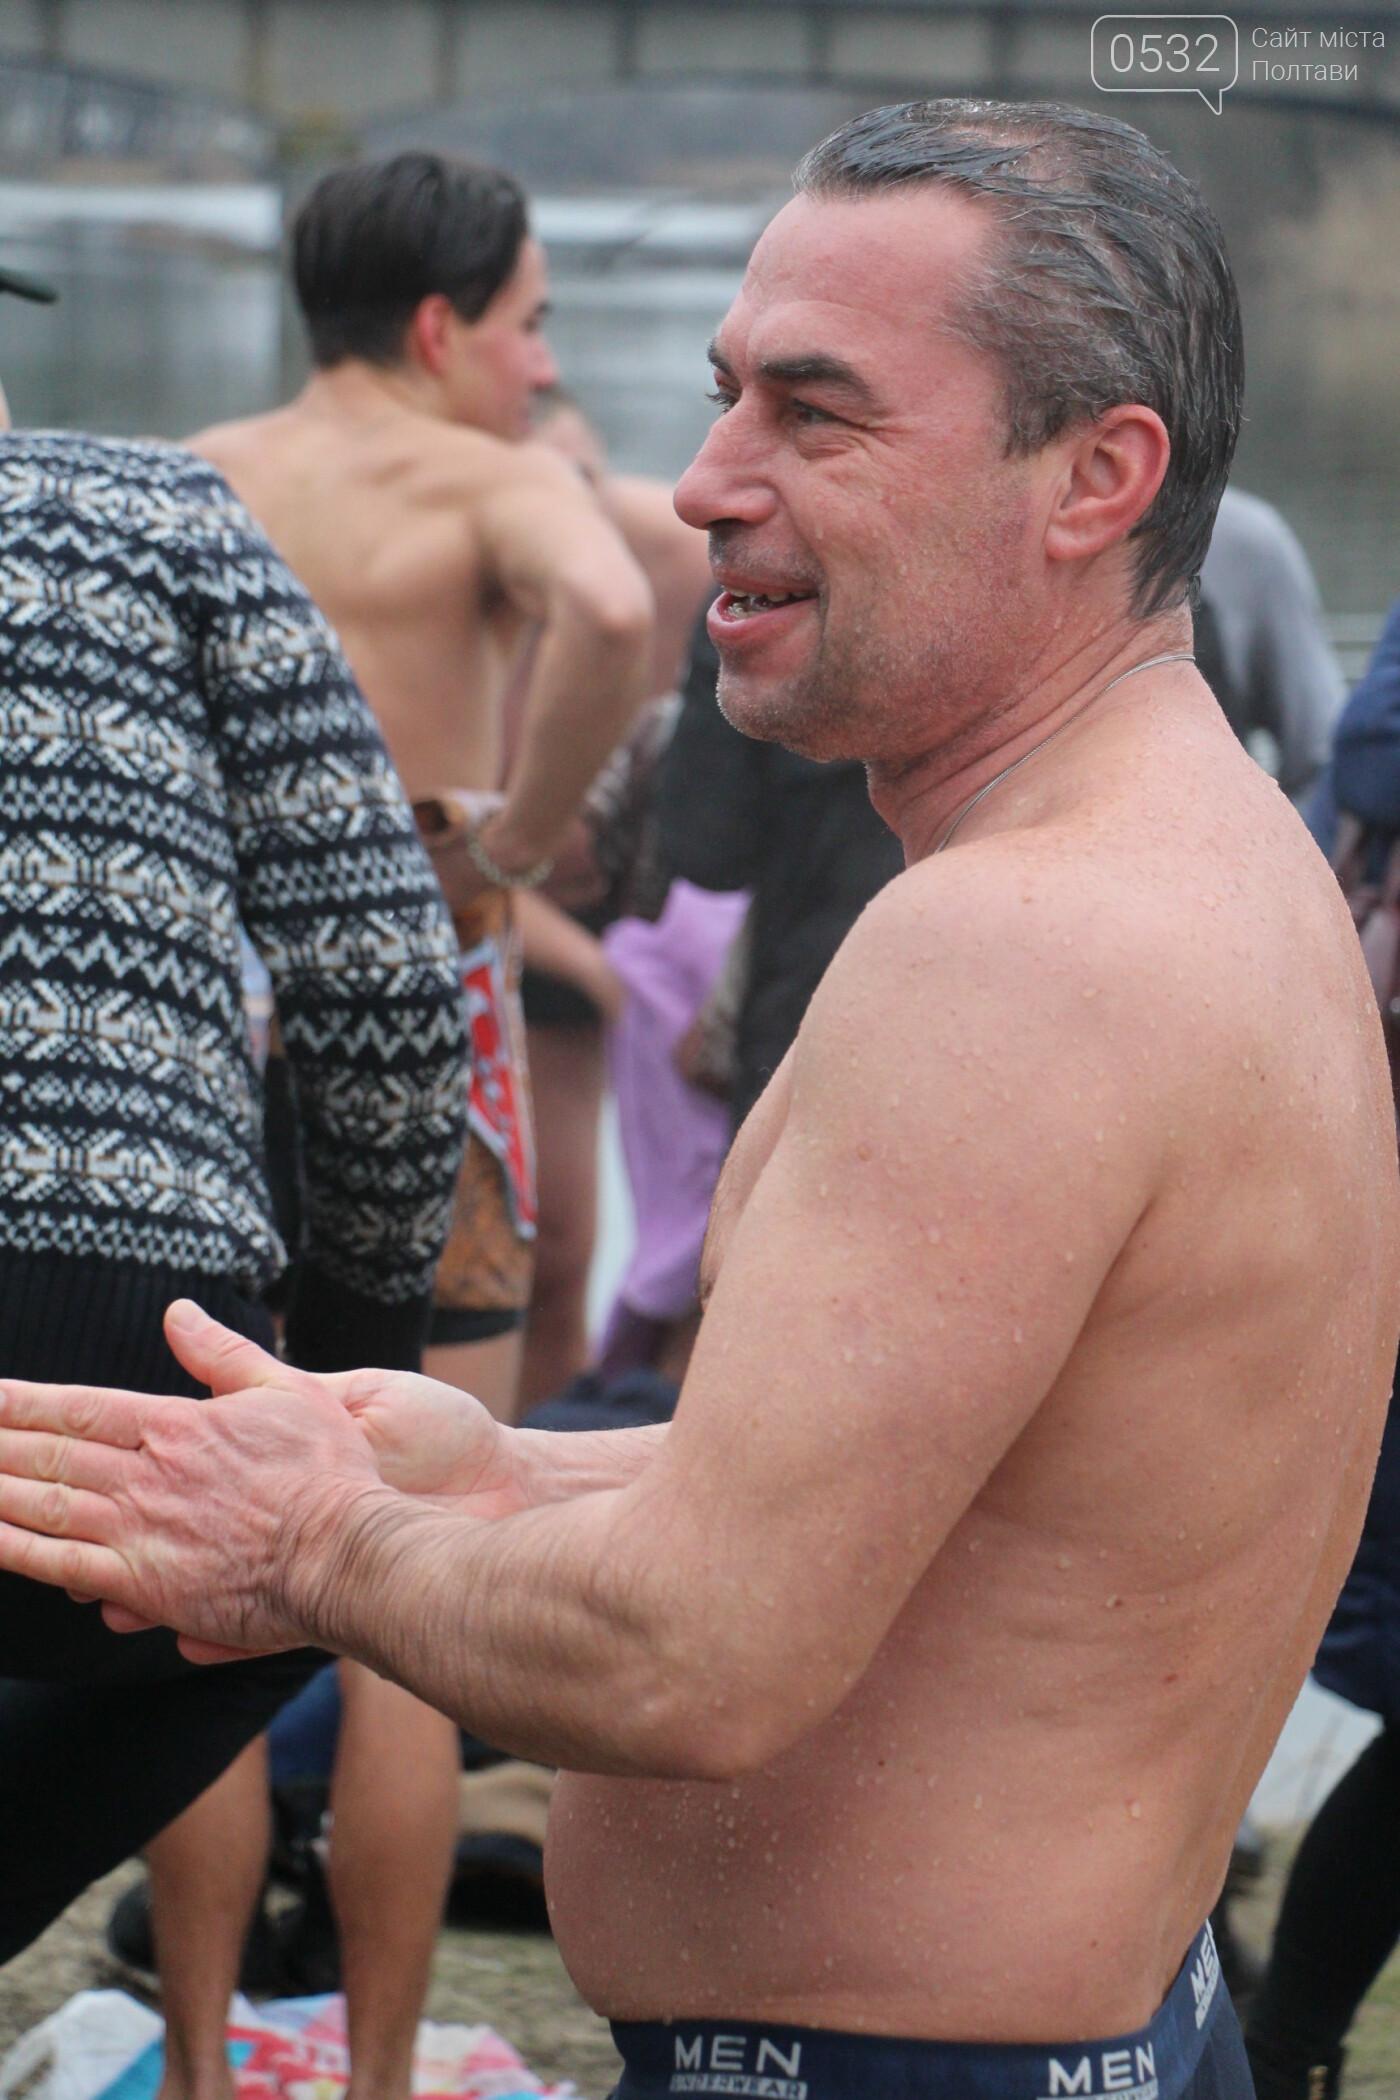 У Полтаві сотні містян на Водохреще прийшли скупатися на першому пляжі (ФОТО), фото-17